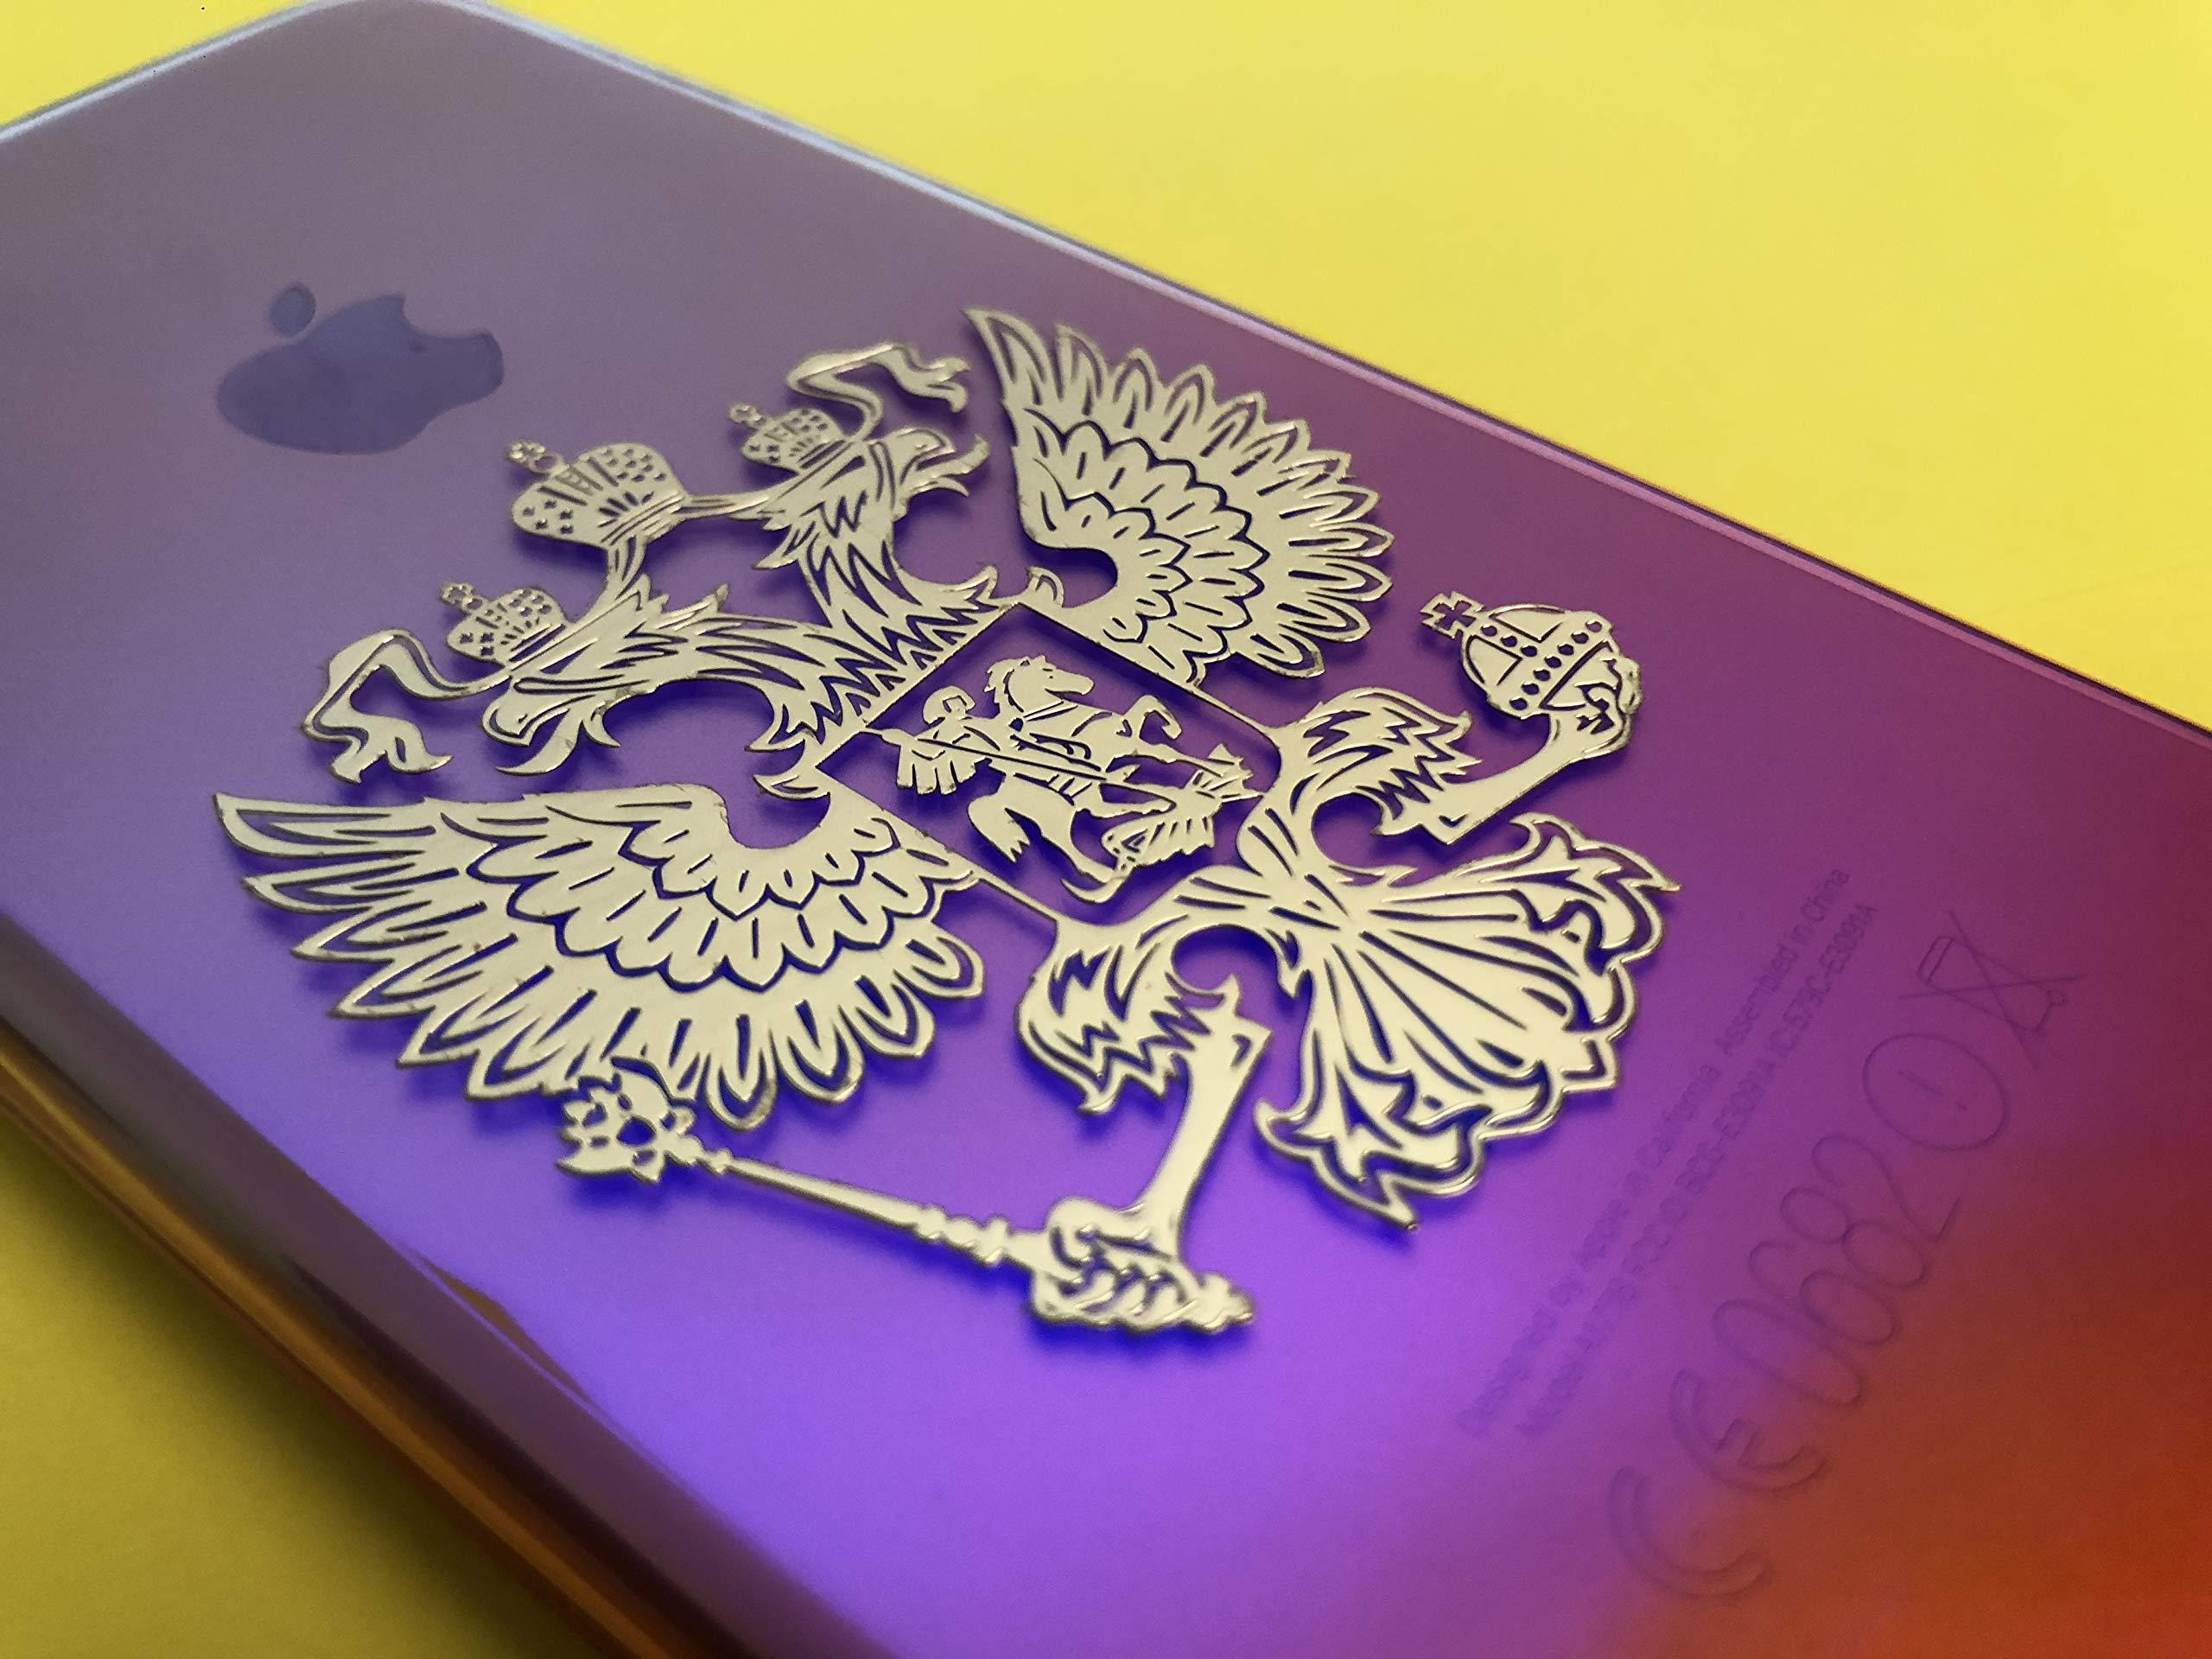 Pegatinas en 3D con escudo de /águila rusa en oro peque/ño de la marca Rusia.